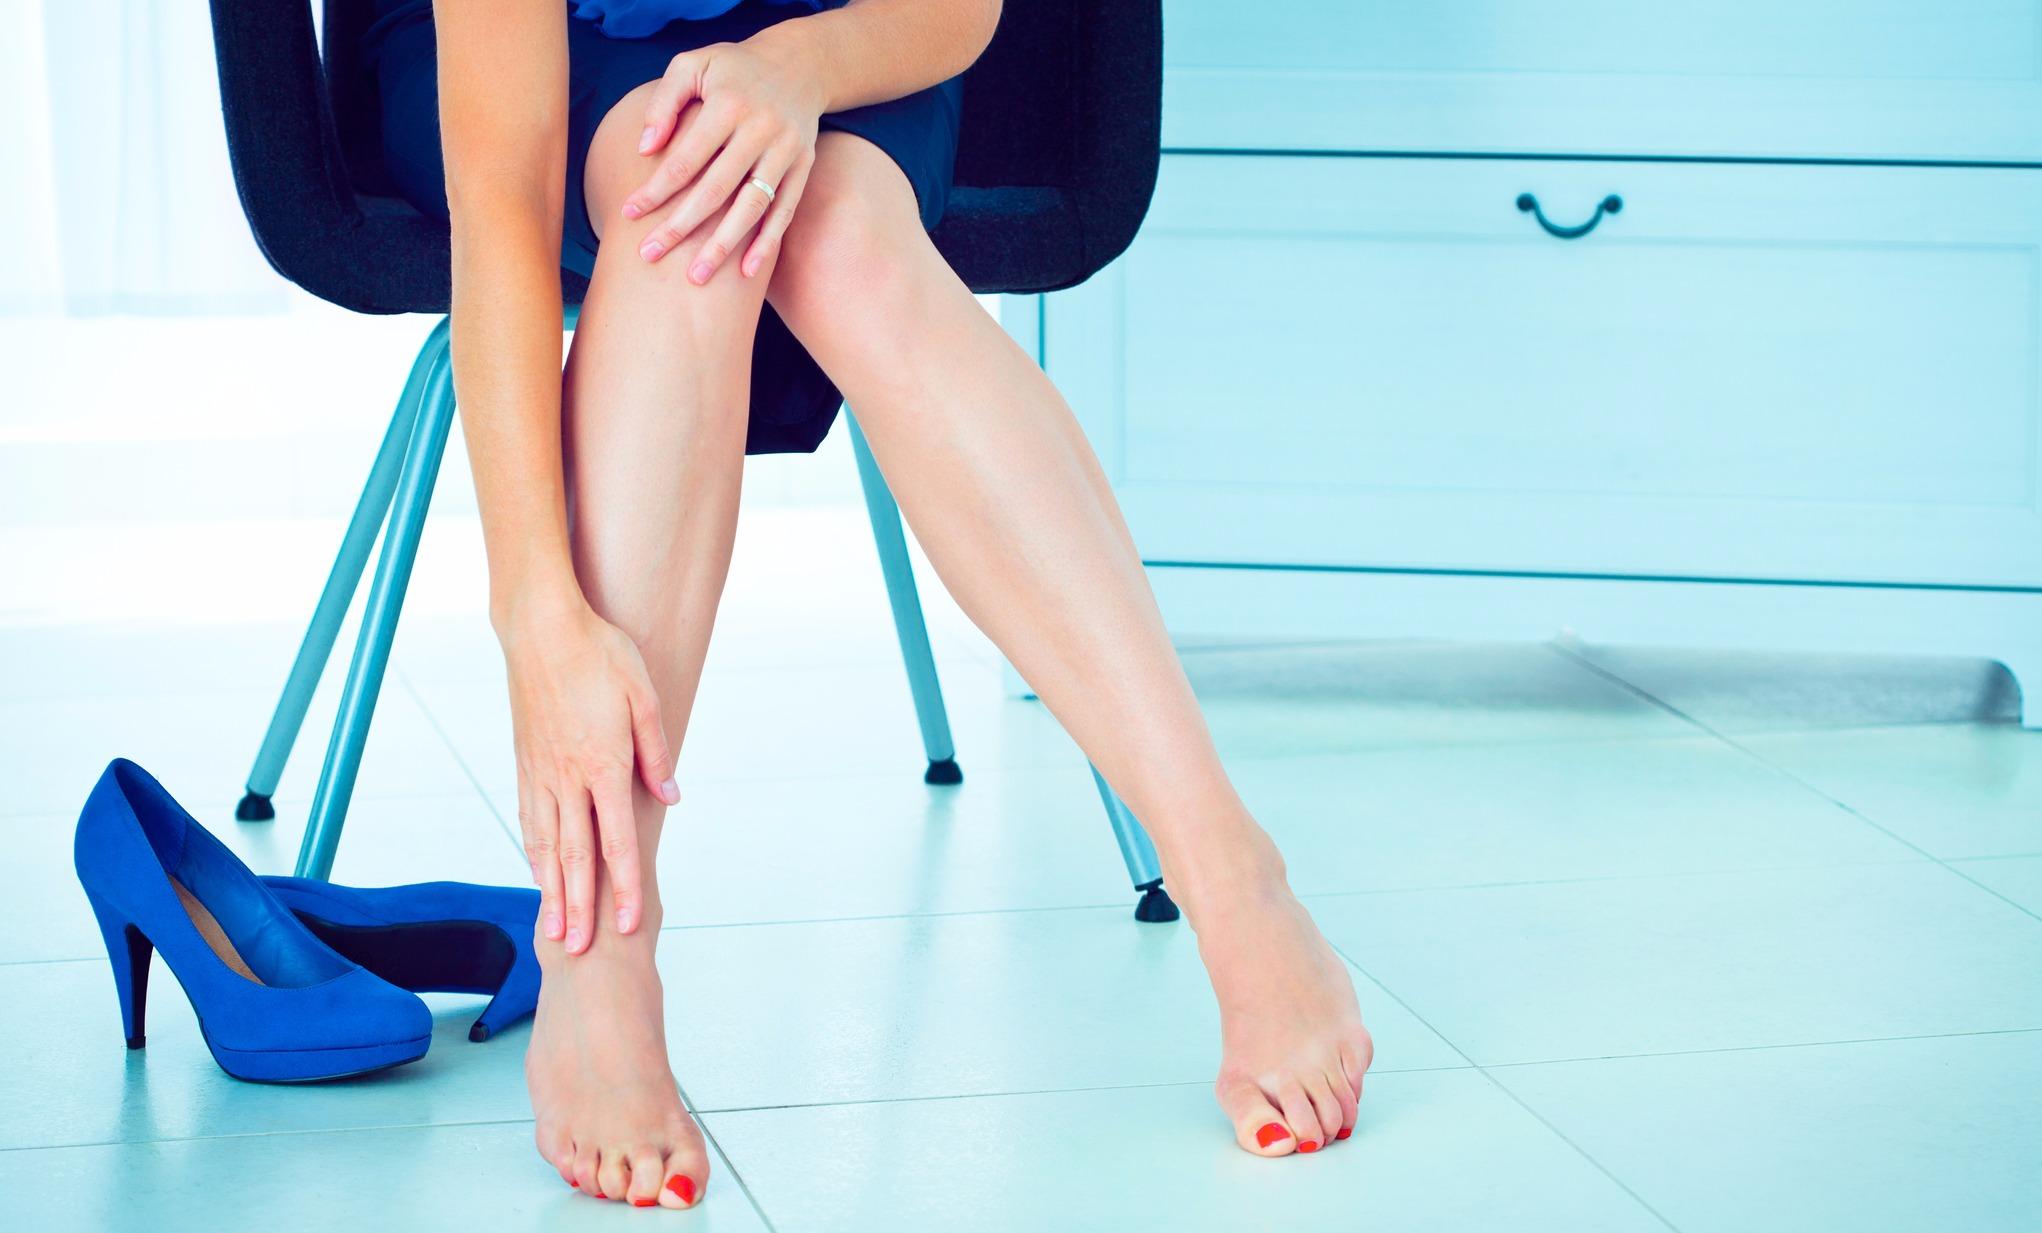 силиконовые стельки спасут от боли и мозолей